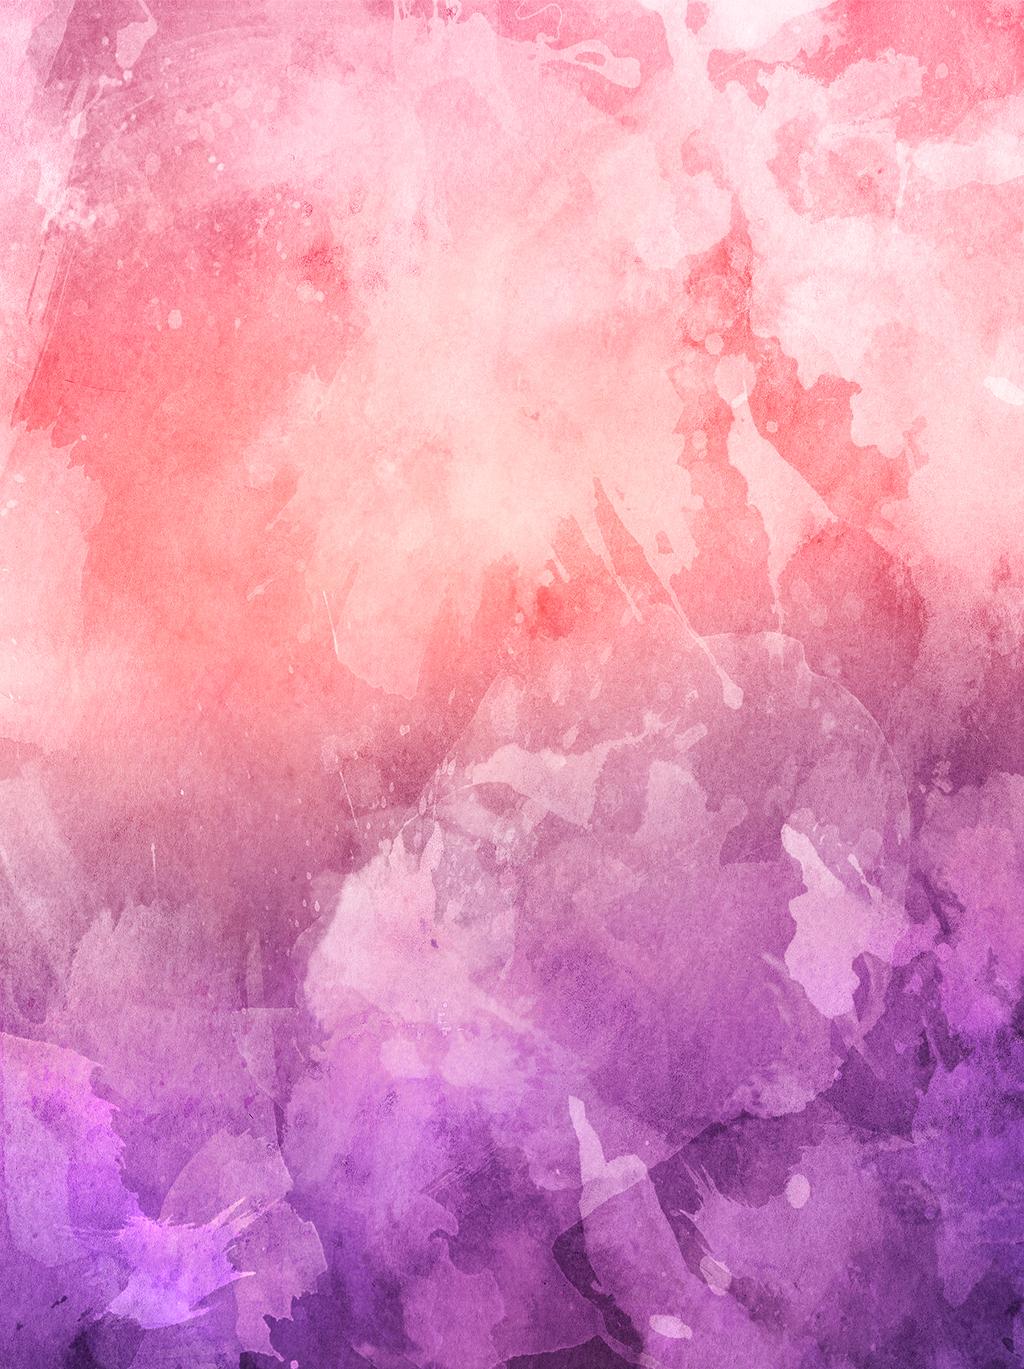 fond de texture aquarelle splash fond de texture aquarelle